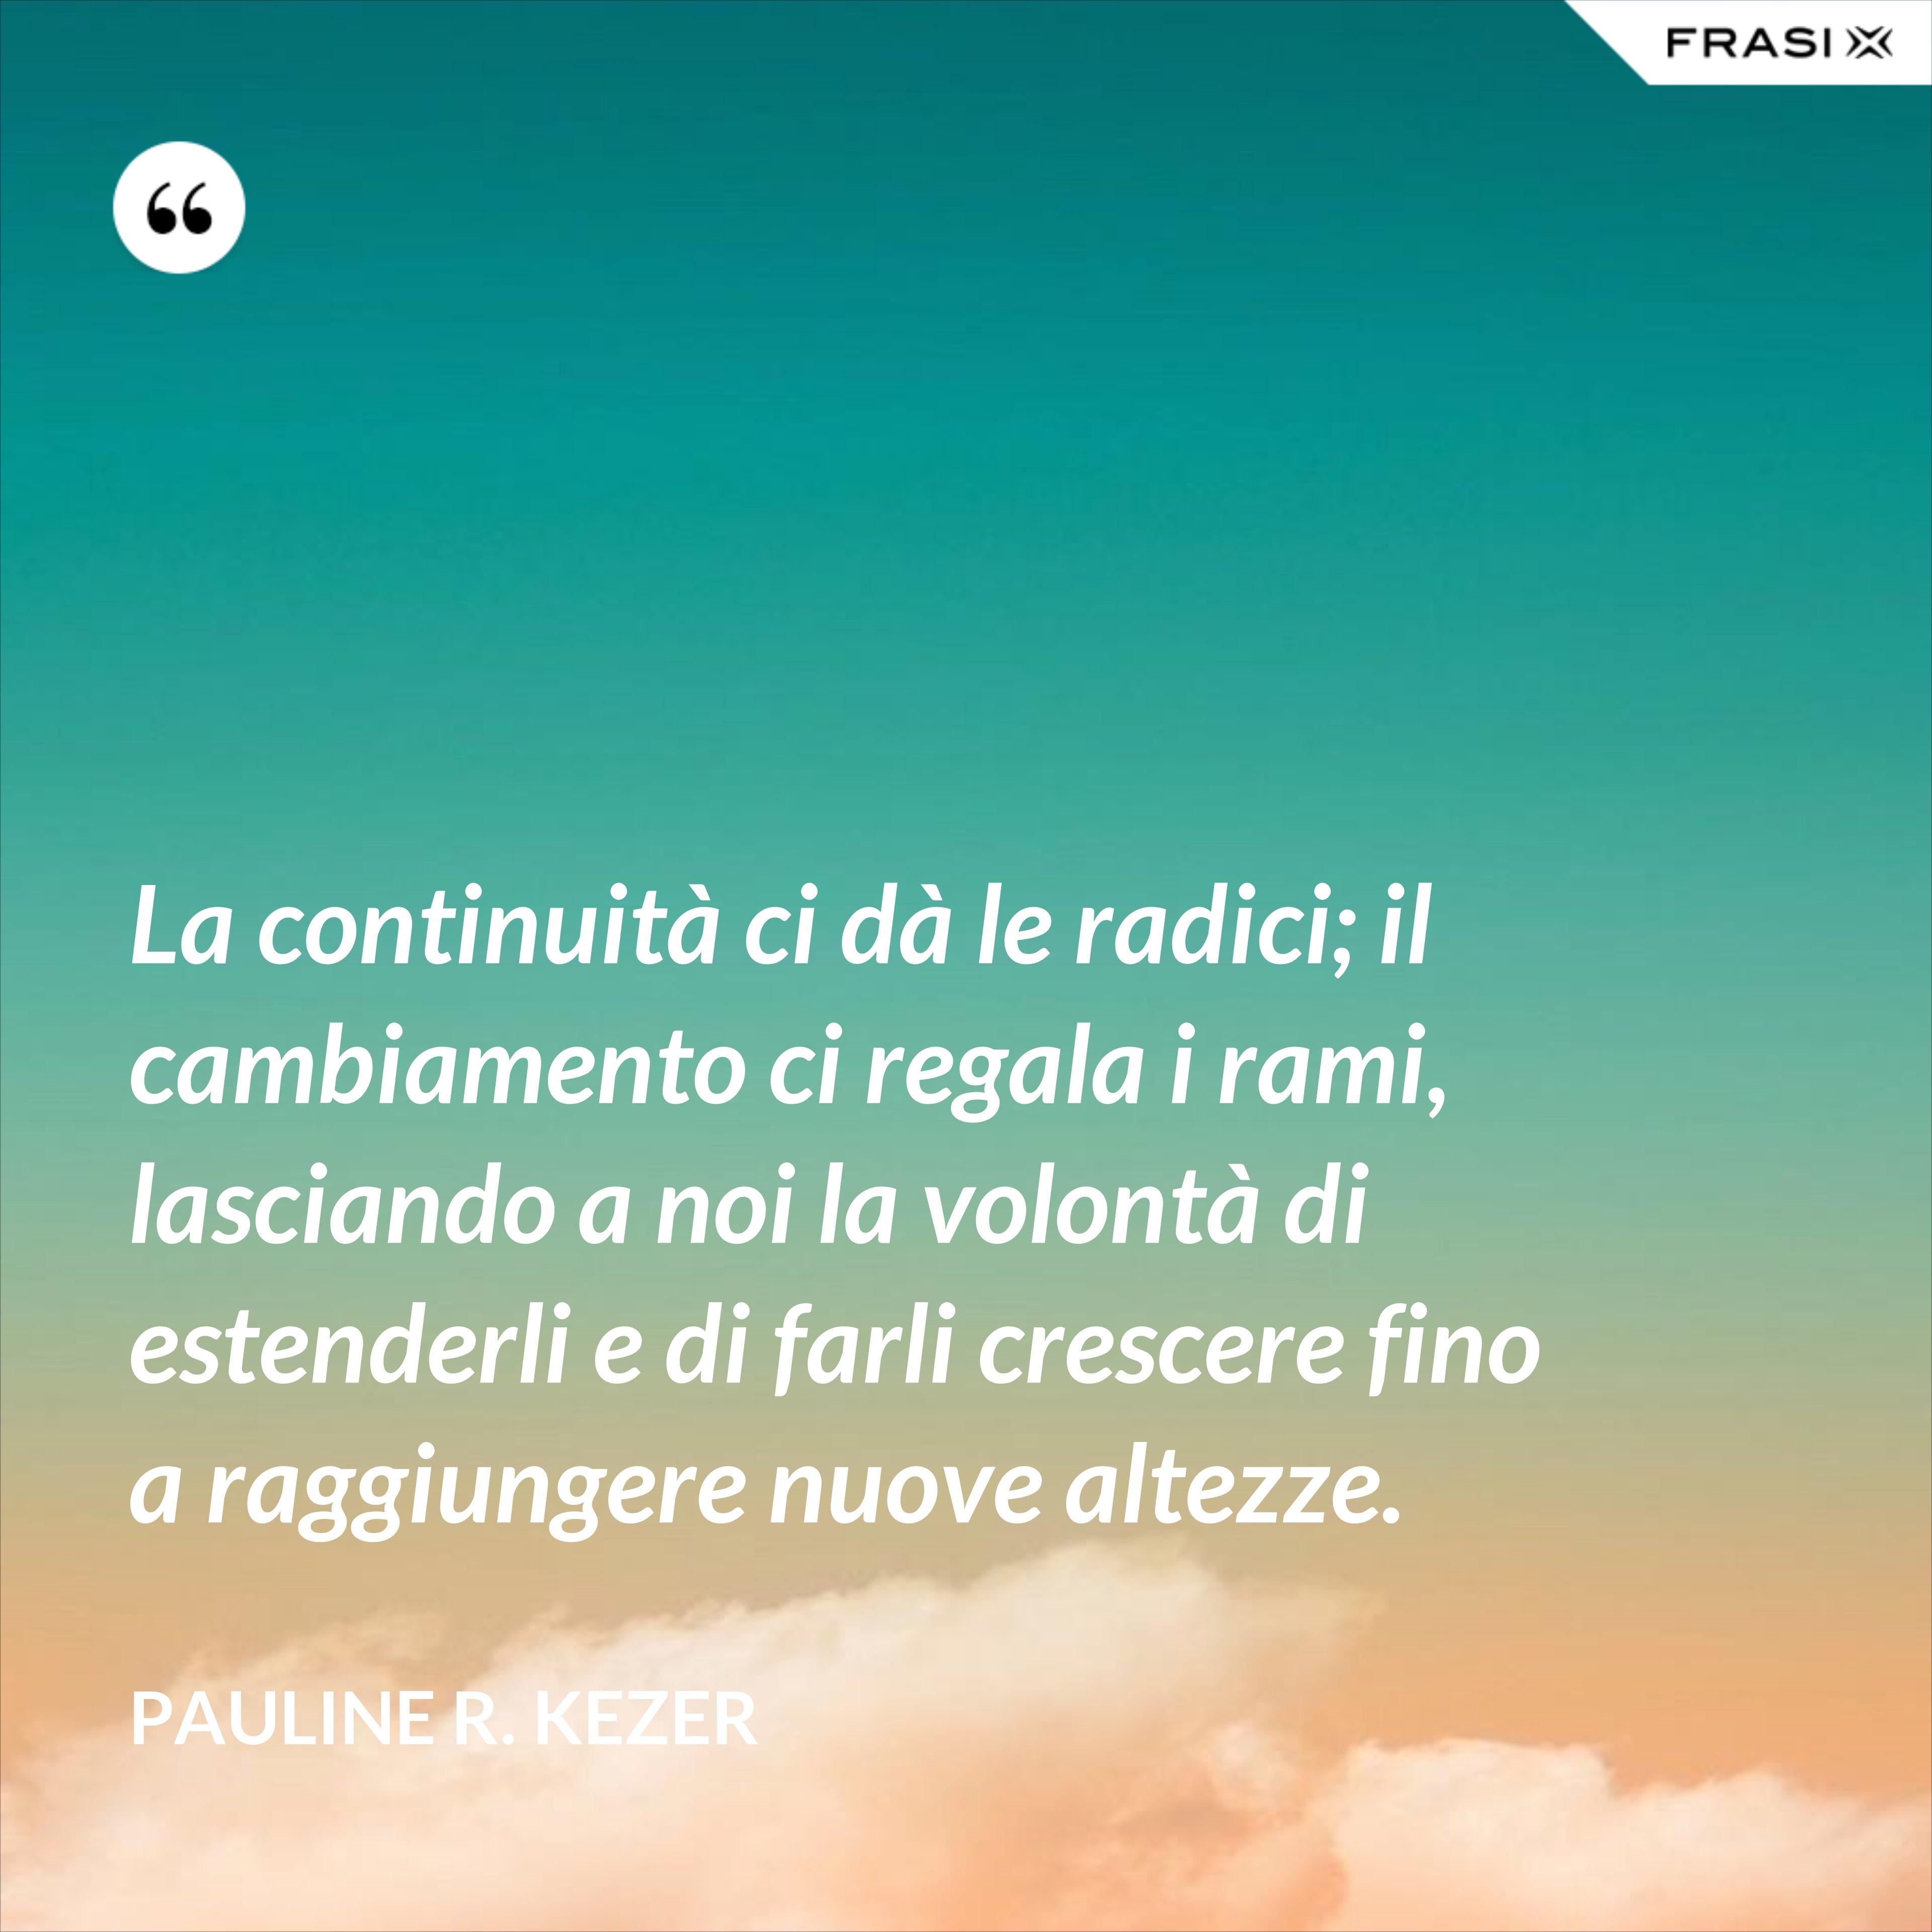 La continuità ci dà le radici; il cambiamento ci regala i rami, lasciando a noi la volontà di estenderli e di farli crescere fino a raggiungere nuove altezze. - Pauline R. Kezer